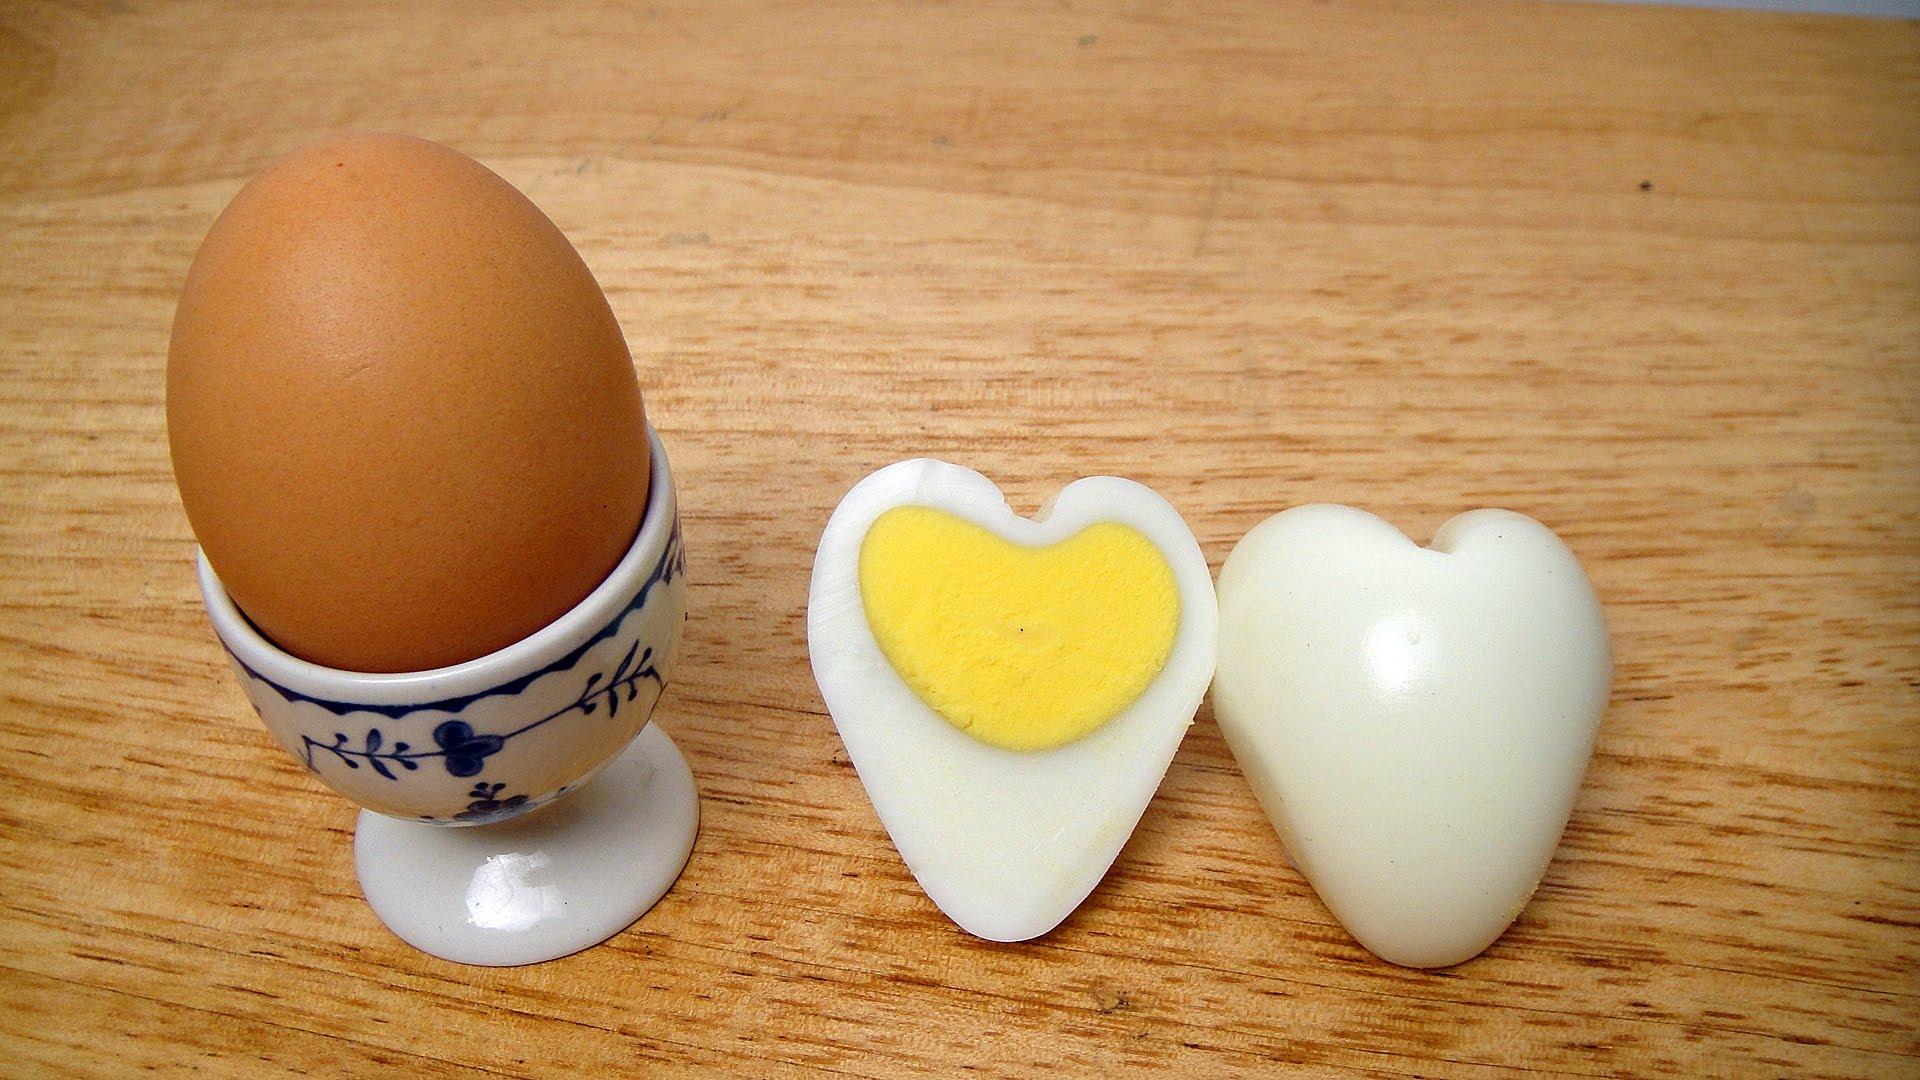 如何制作 心形鸡蛋 How to make Heart Egg